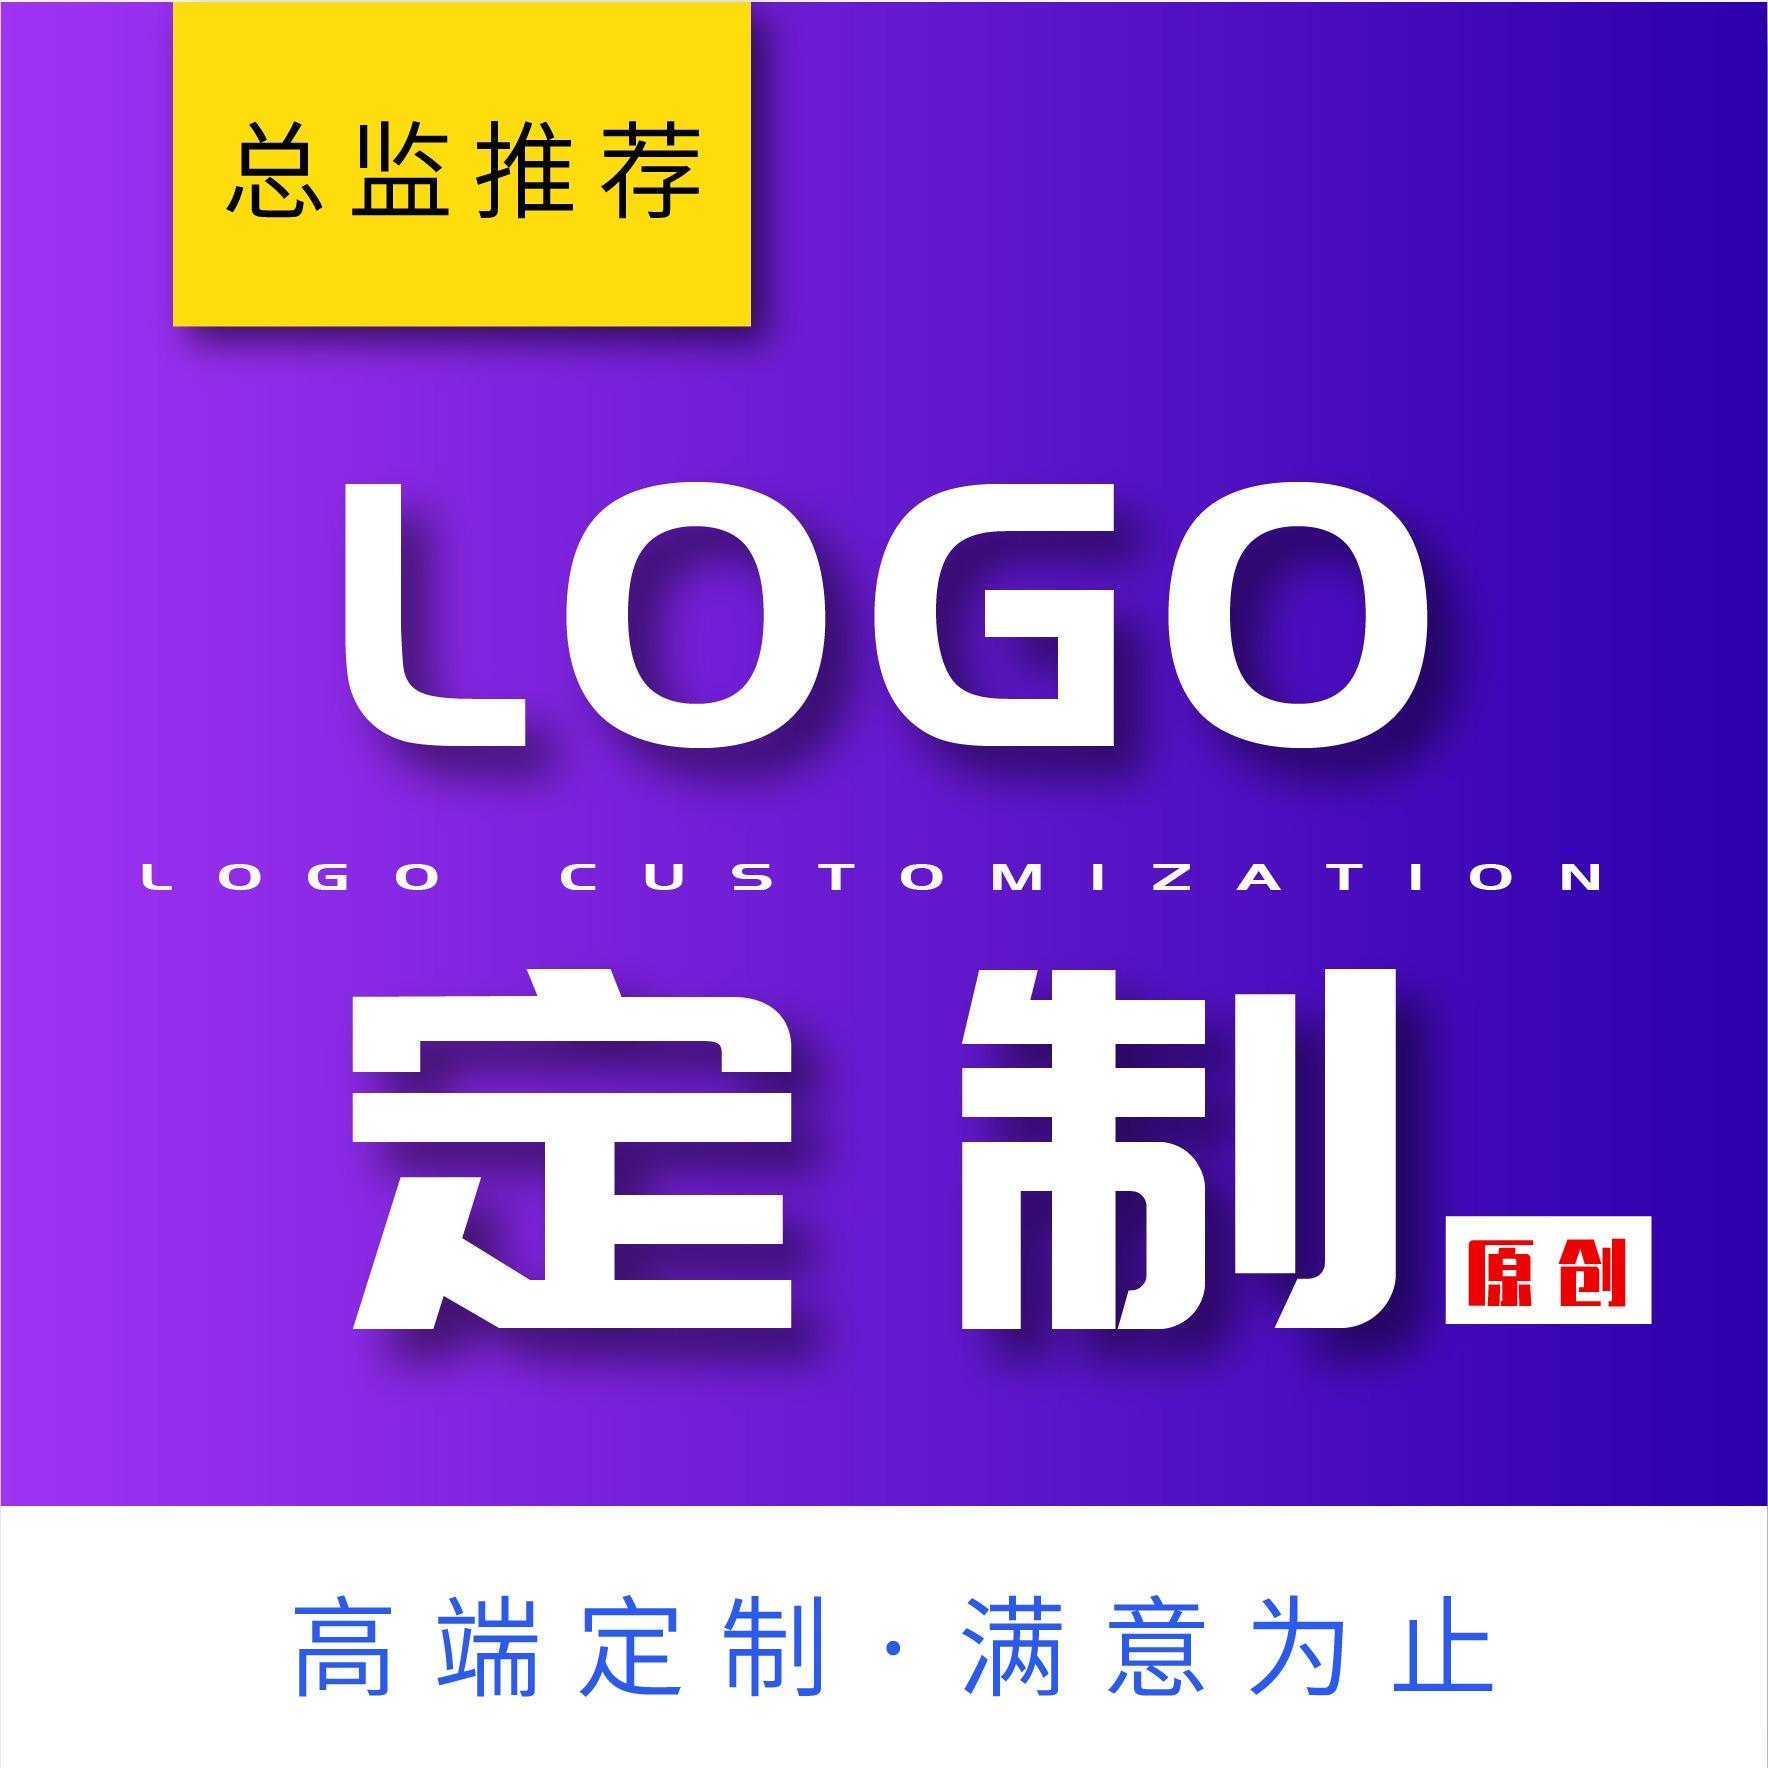 原创文字图形图像图文水印字母中国风山水国际化品牌 logo 设计